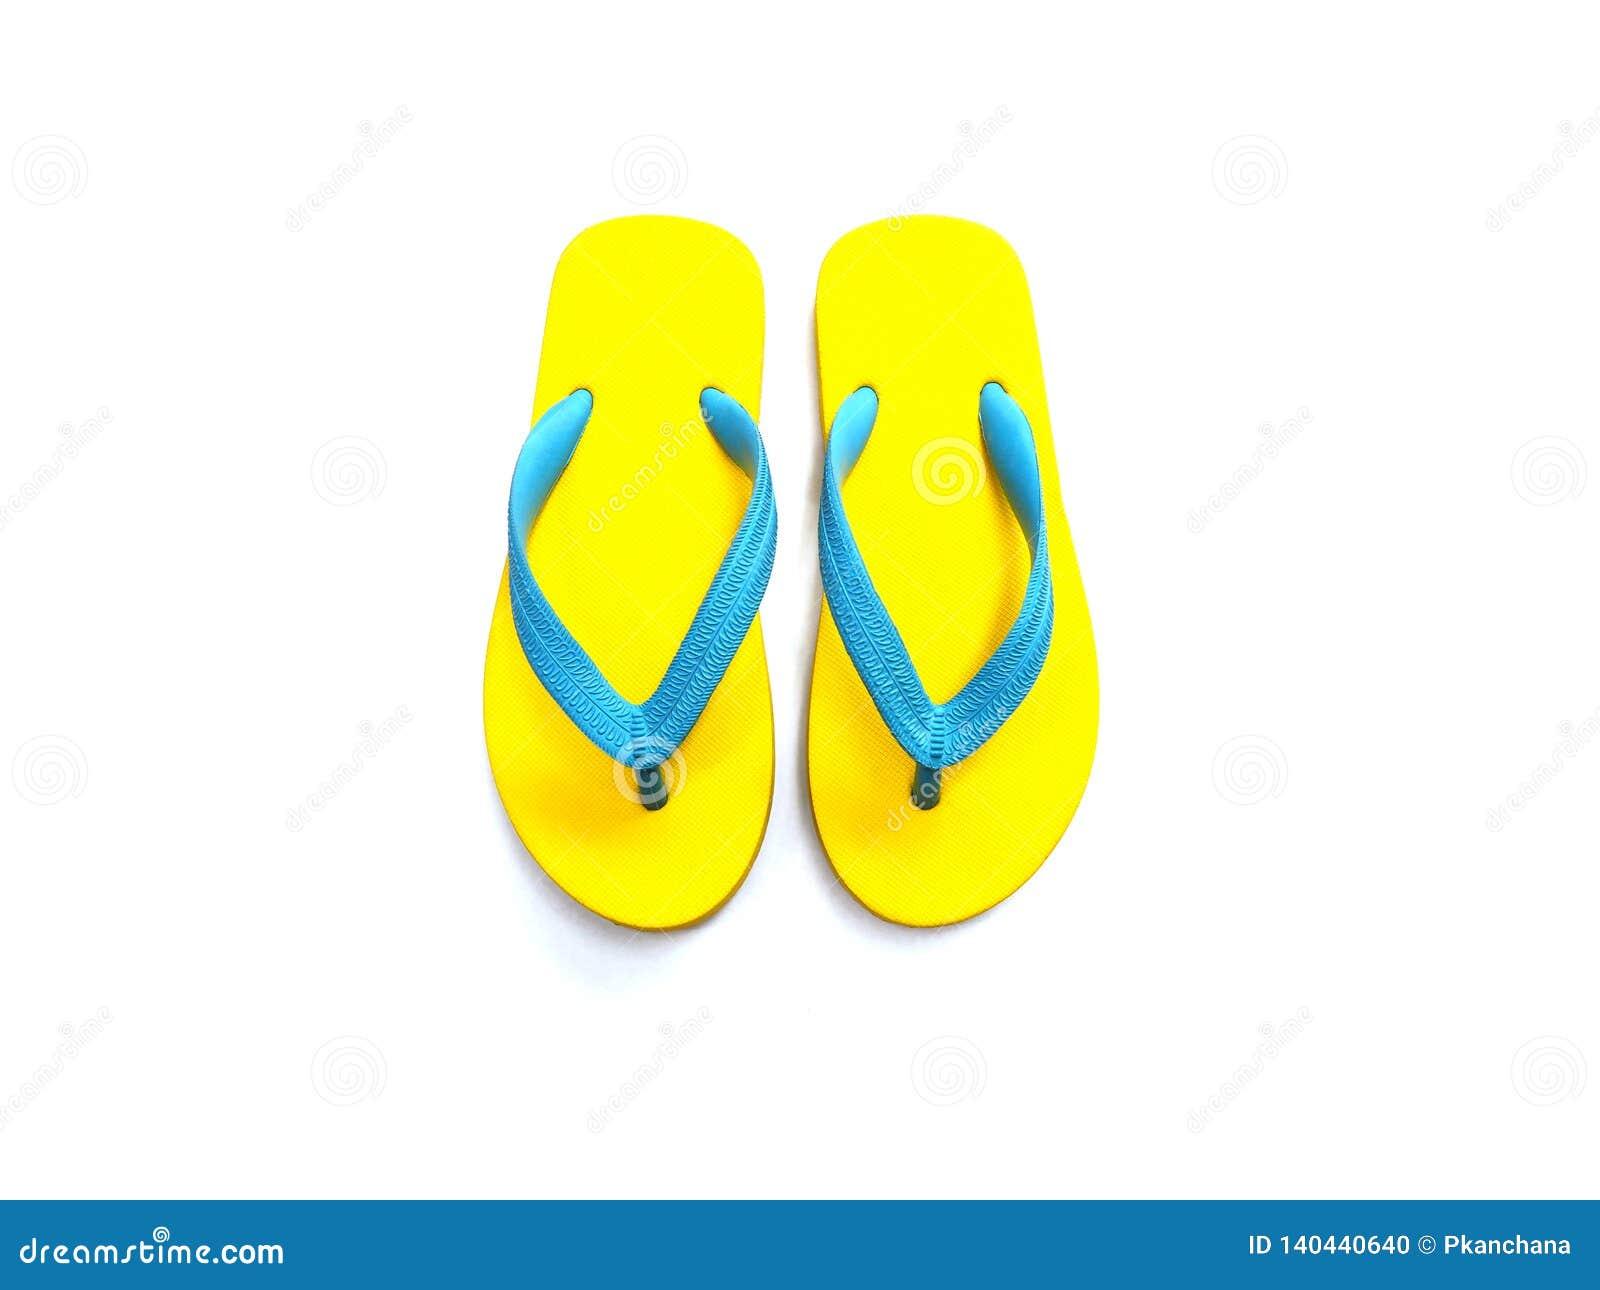 Sapatas de borracha amarelas e azuis do falhanço de aleta